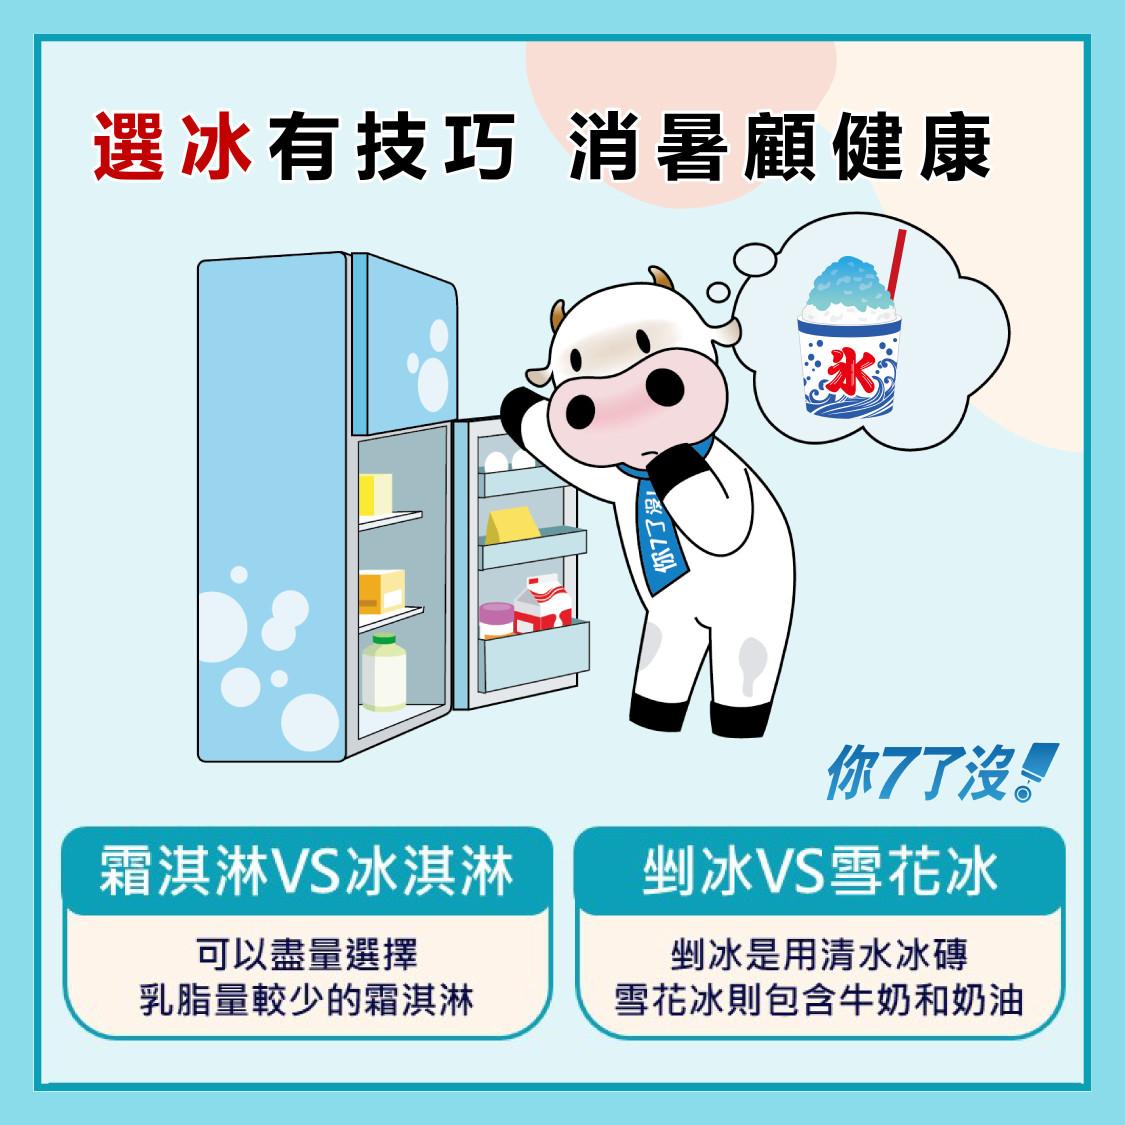 夏天選冰有技巧,消暑控糖顧健康